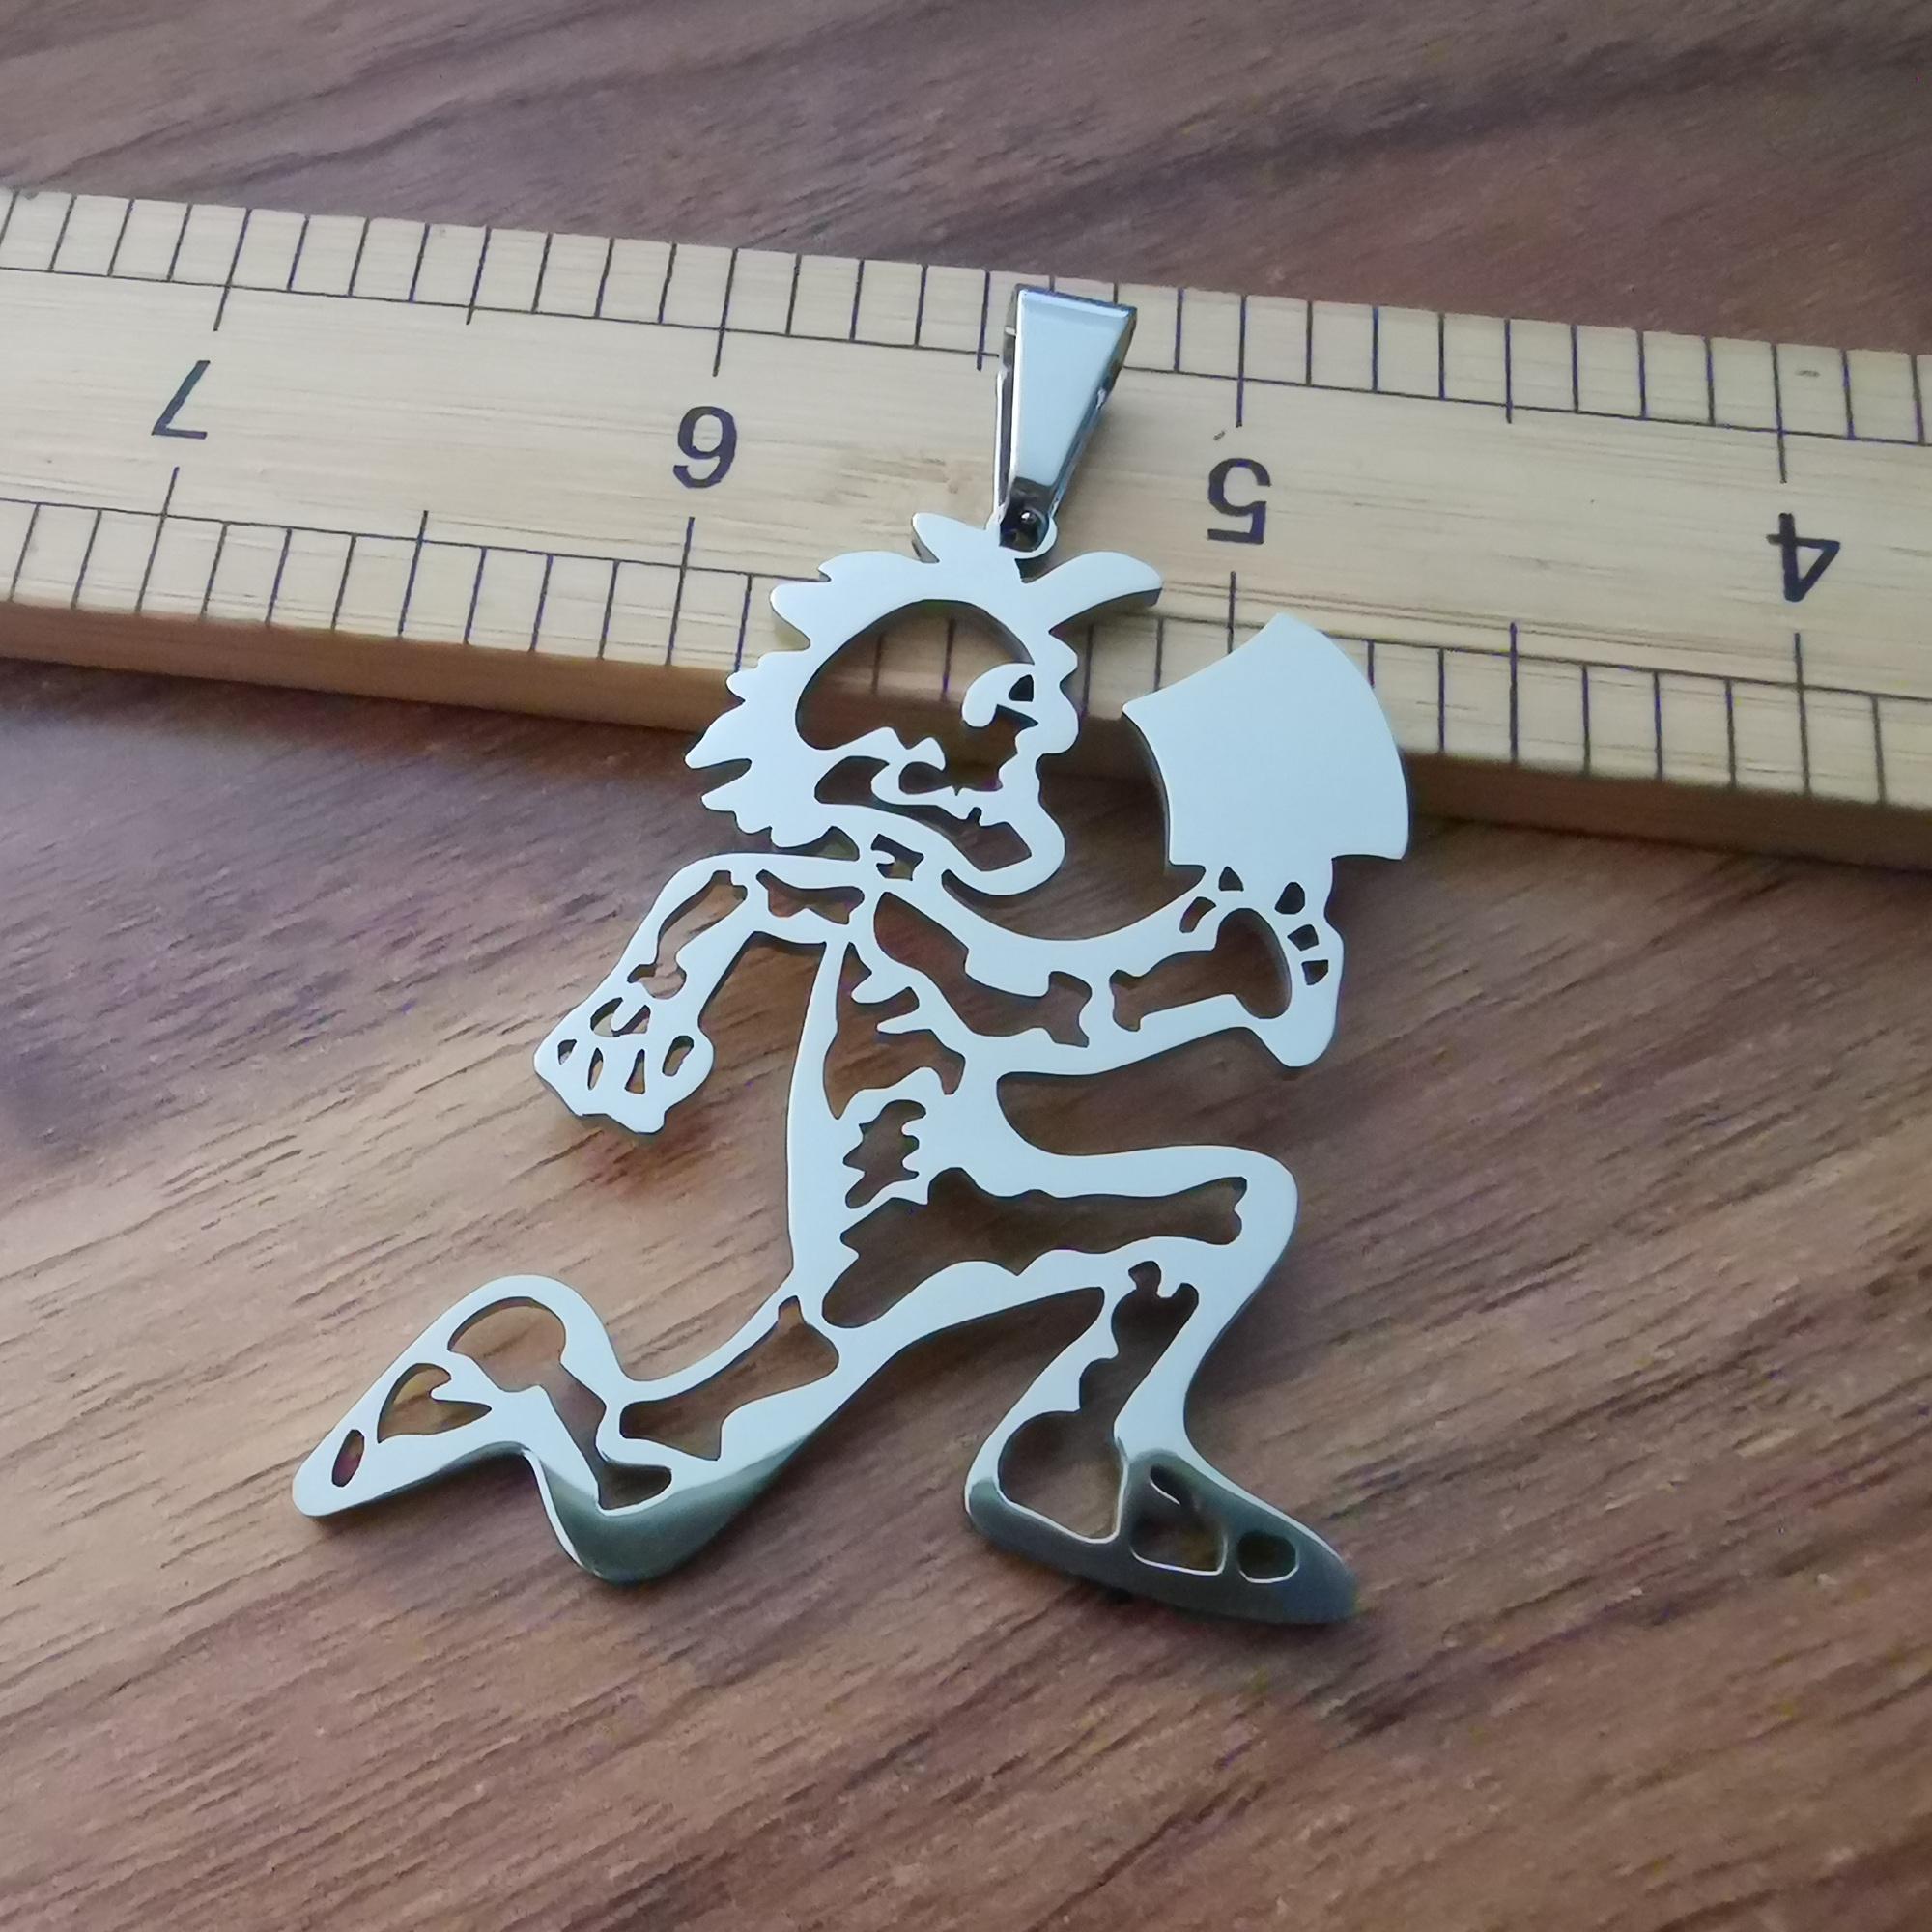 Insane Clown Posse TWIZTID hatchetman fascino scheletro JUGGALO ICP in acciaio inox nuove catene collana 6 stile che potete scegliere